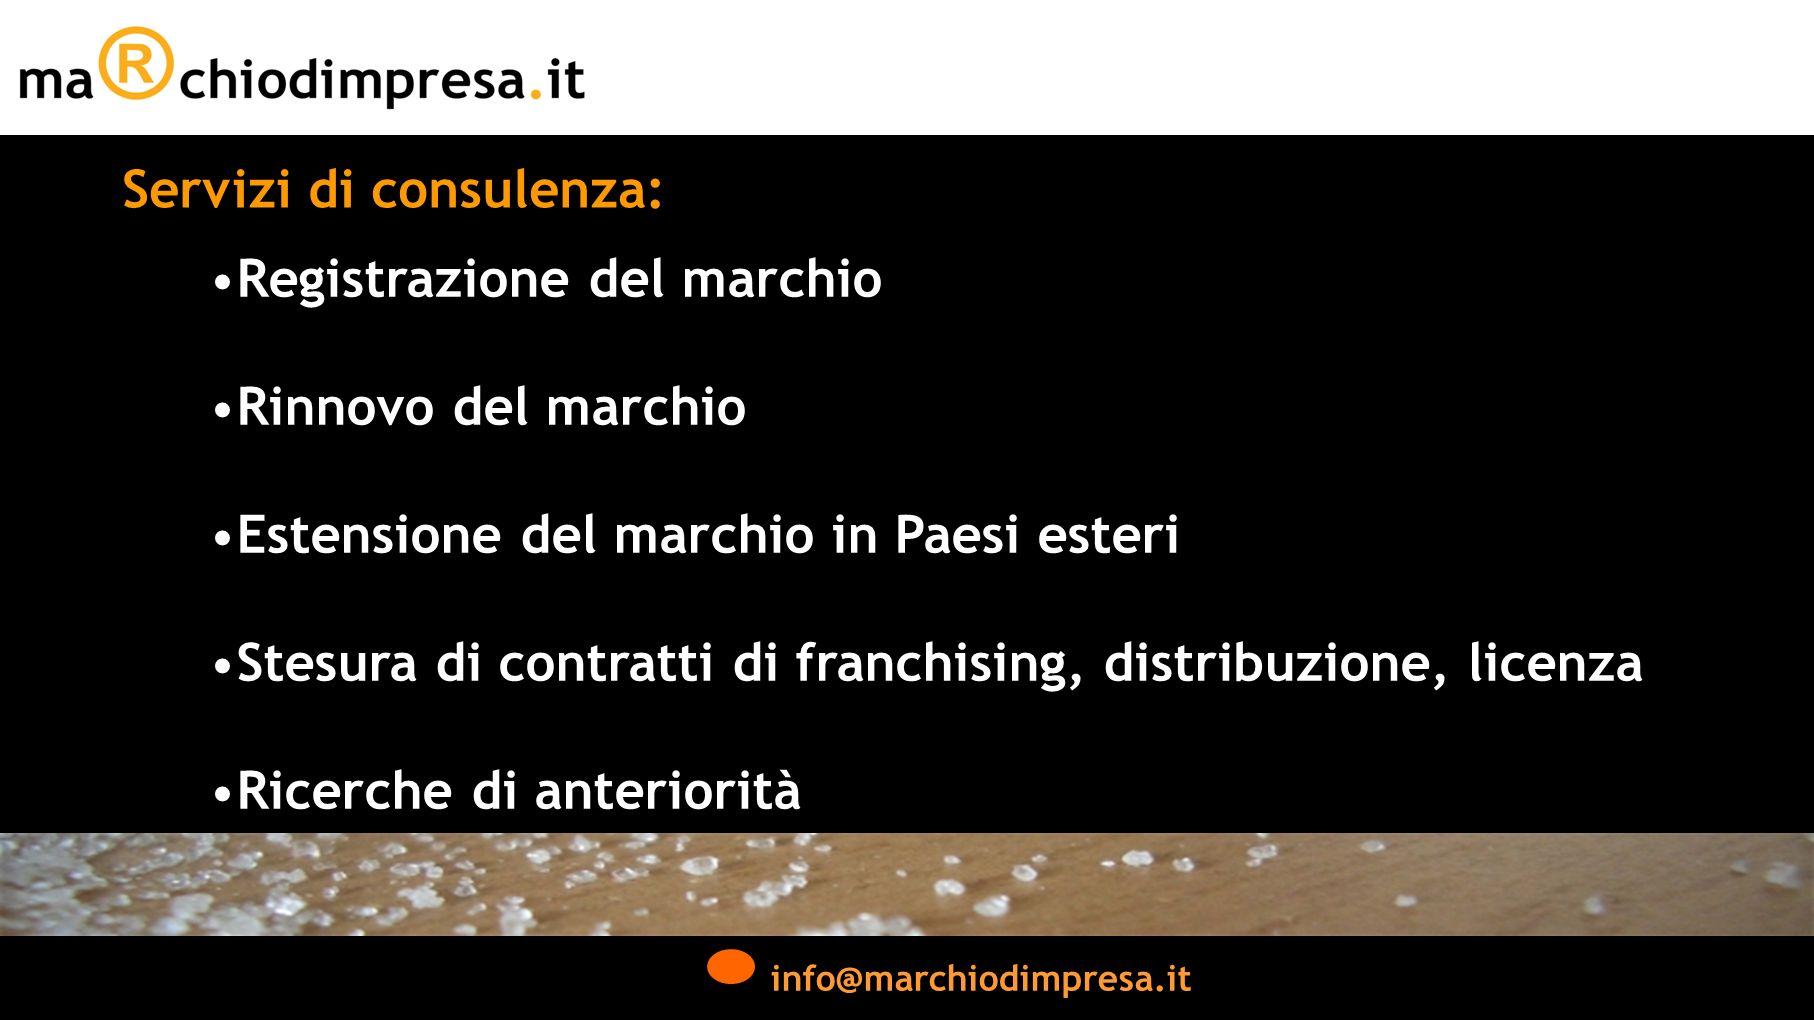 info@marchiodimpresa.it Servizi di consulenza: Registrazione del marchio Rinnovo del marchio Estensione del marchio in Paesi esteri Stesura di contratti di franchising, distribuzione, licenza Ricerche di anteriorità